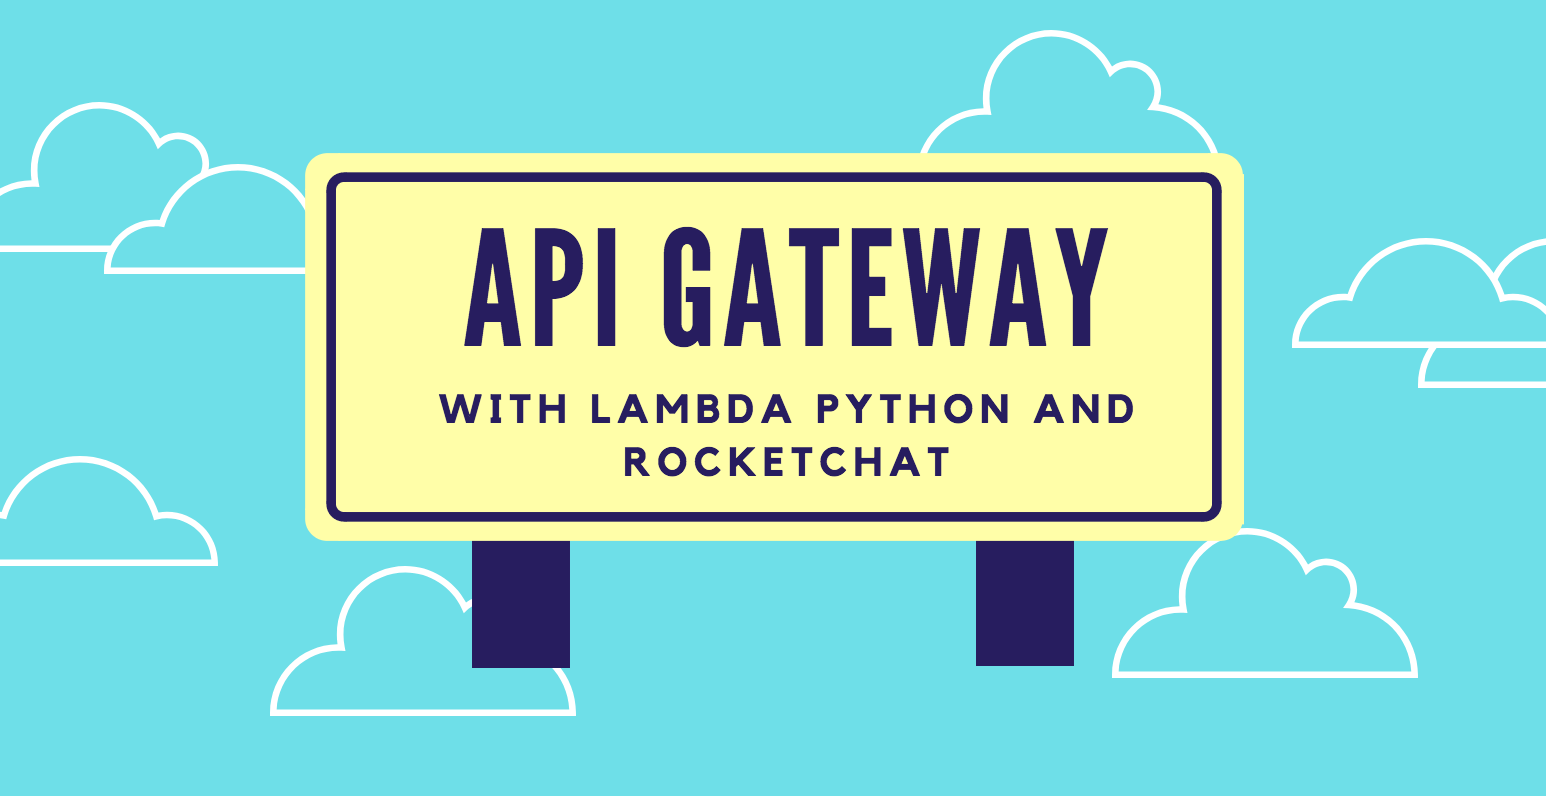 API Gateway with Lambda using Python on AWS to Post info to